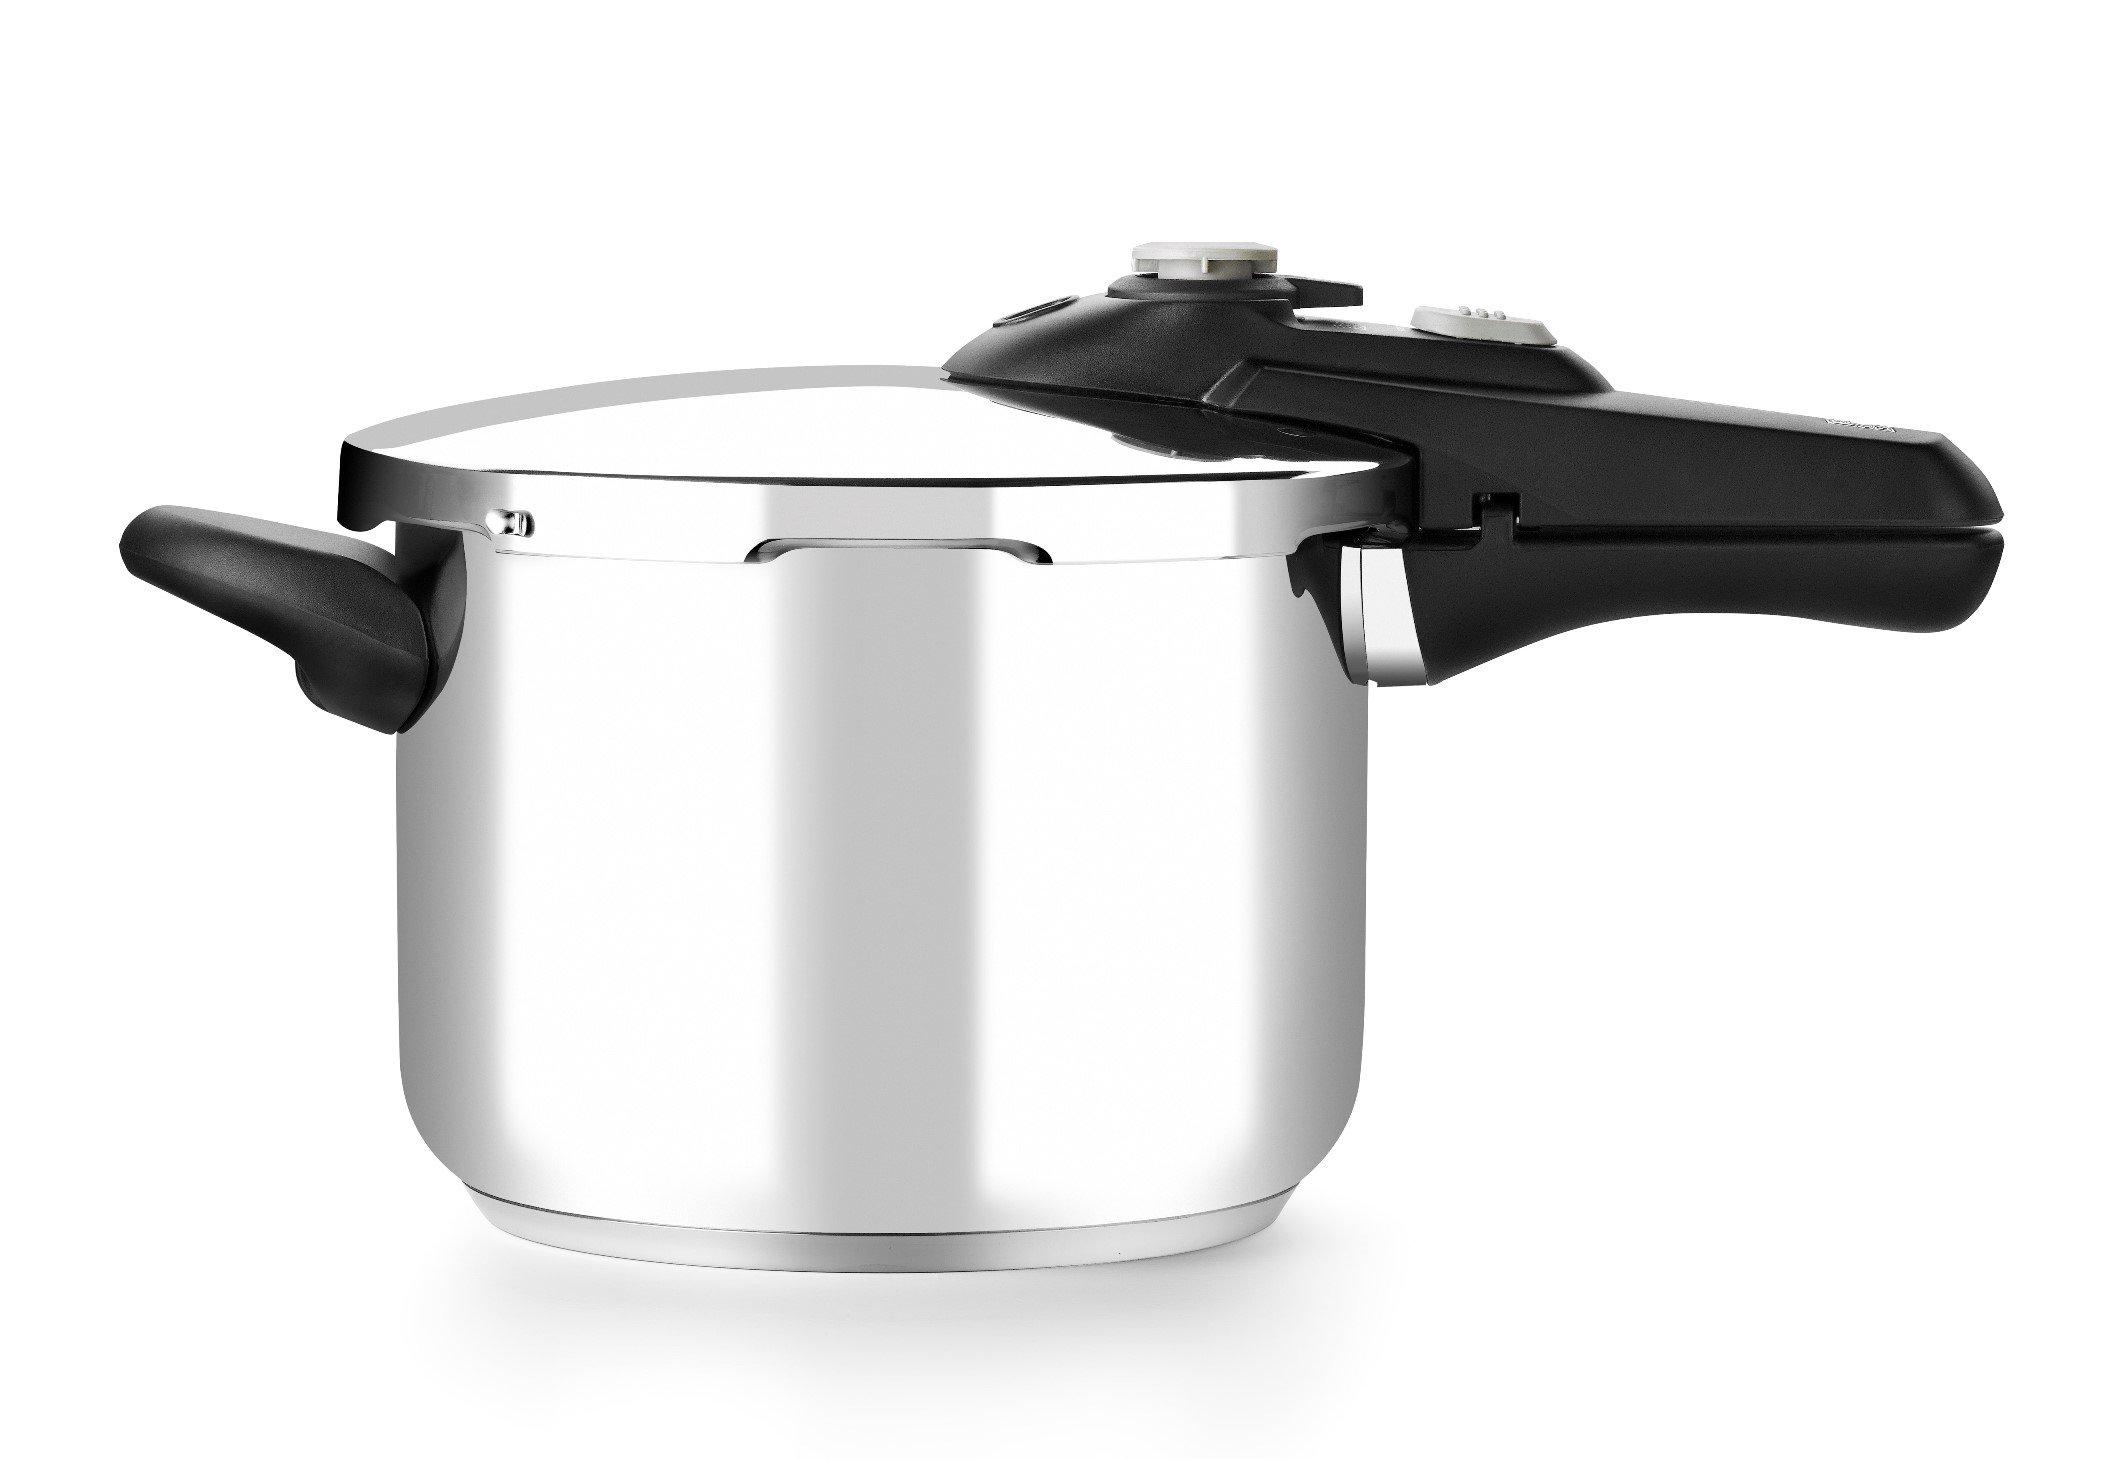 BRA Vitesse - Olla a presión rápida, 9 litros, 24 cm, acero inoxidable 18/10: Amazon.es: Hogar